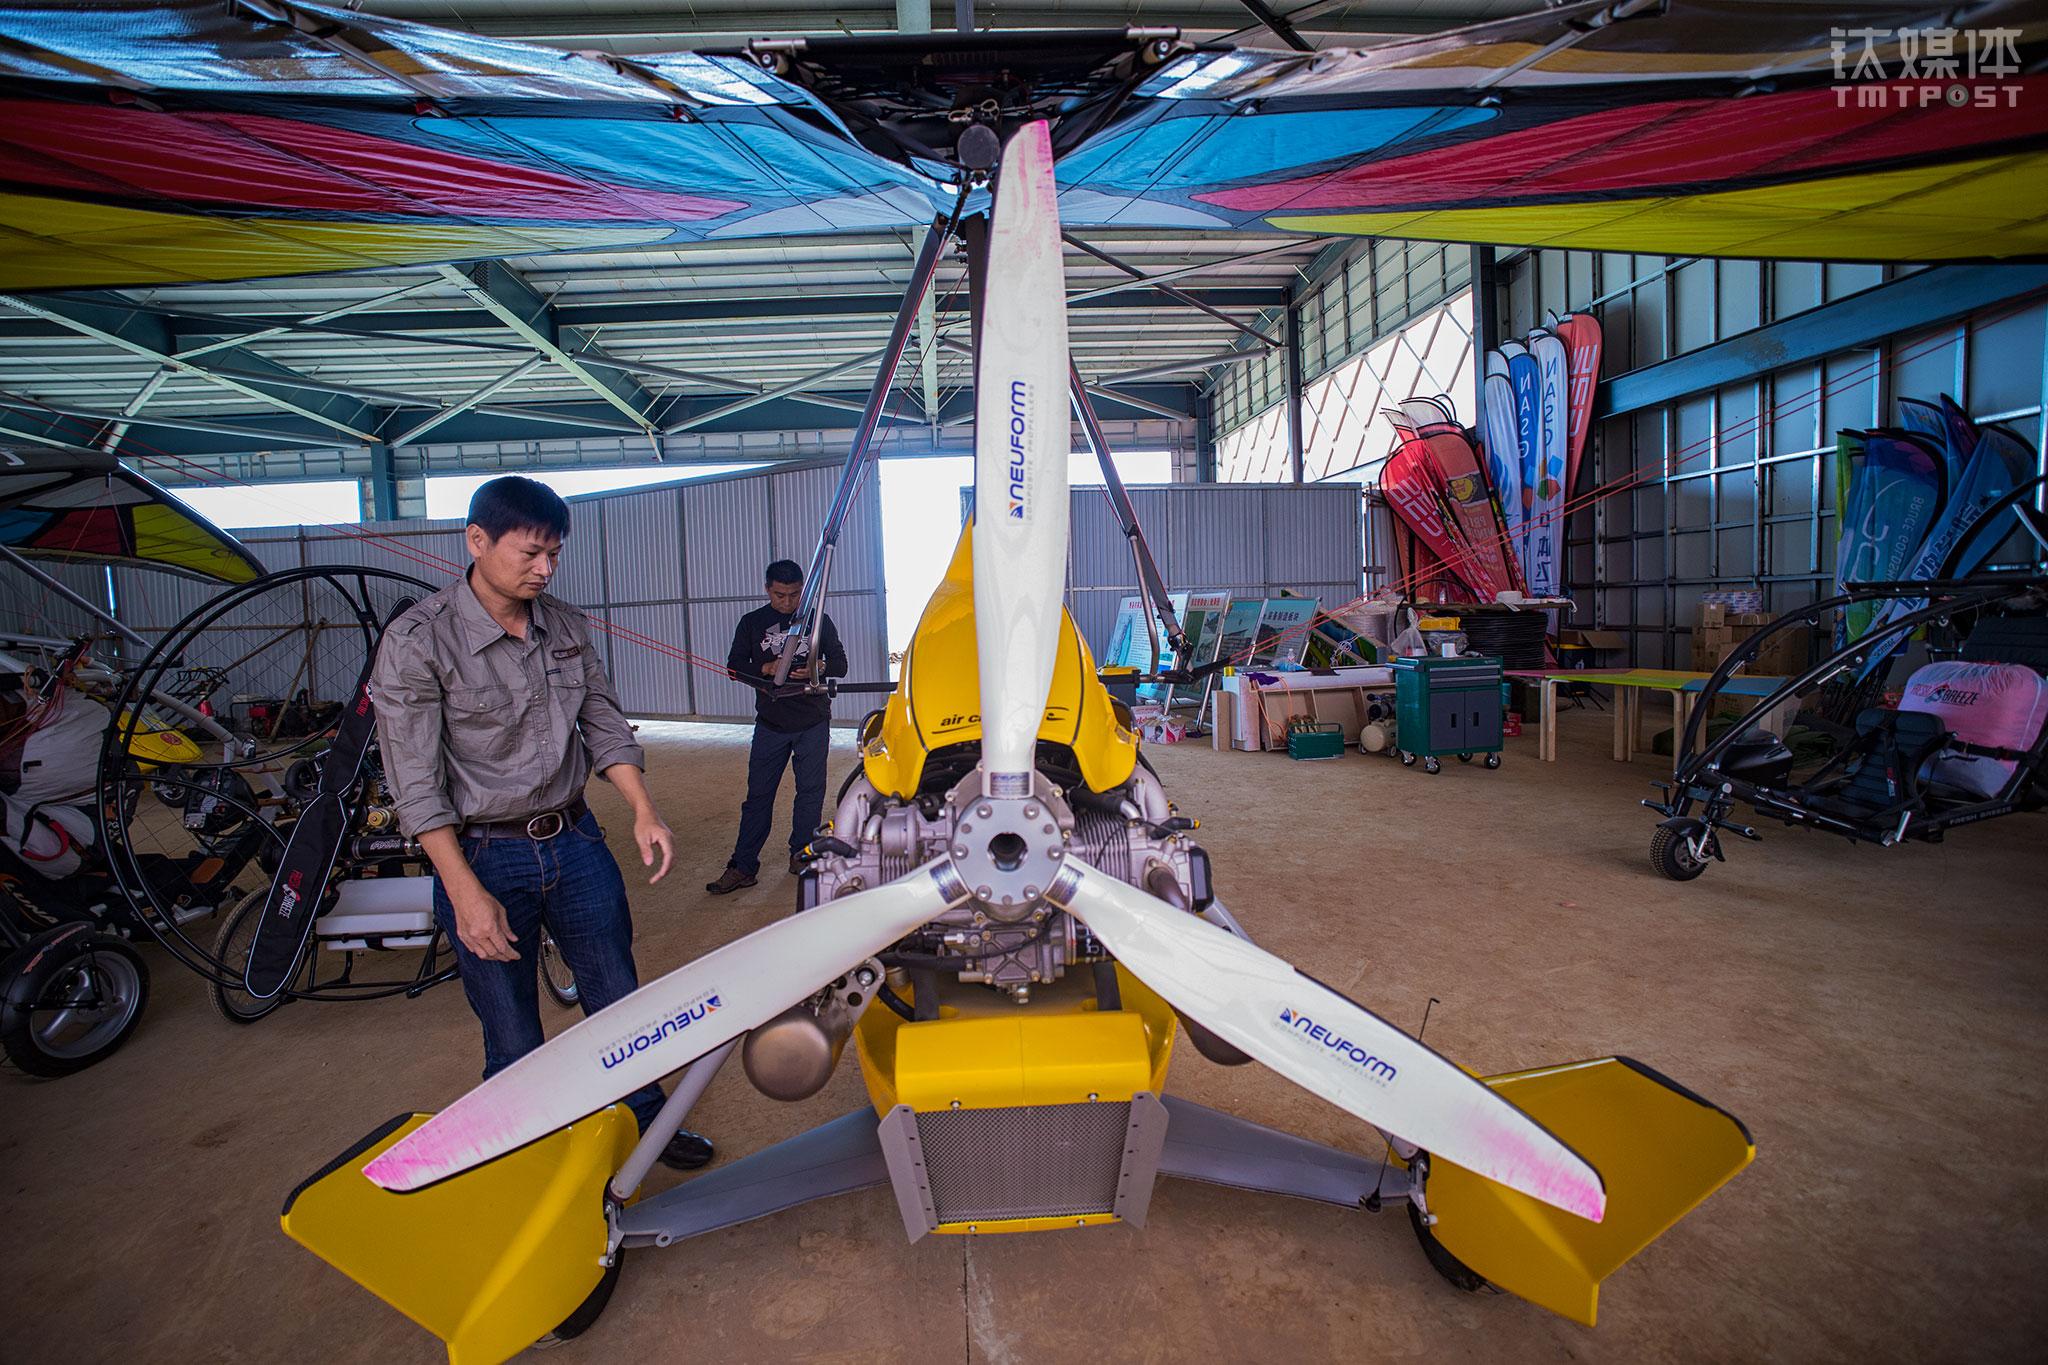 """中体飞行机师彭建平在对机库内的动力三角翼进行检查。彭建平曾是飞机制造厂的机师,在飞行行业从业20多年。这是一个痴迷发动机的人,作为营地机师,他主要工作是对飞行器进行维护,""""主要是发动机,按照发动机厂给的维护时间表严格进行维护"""",彭建平告诉钛媒体《在线》,飞行前后他都要对飞行器的细节进行监控,进行隐患排查。"""